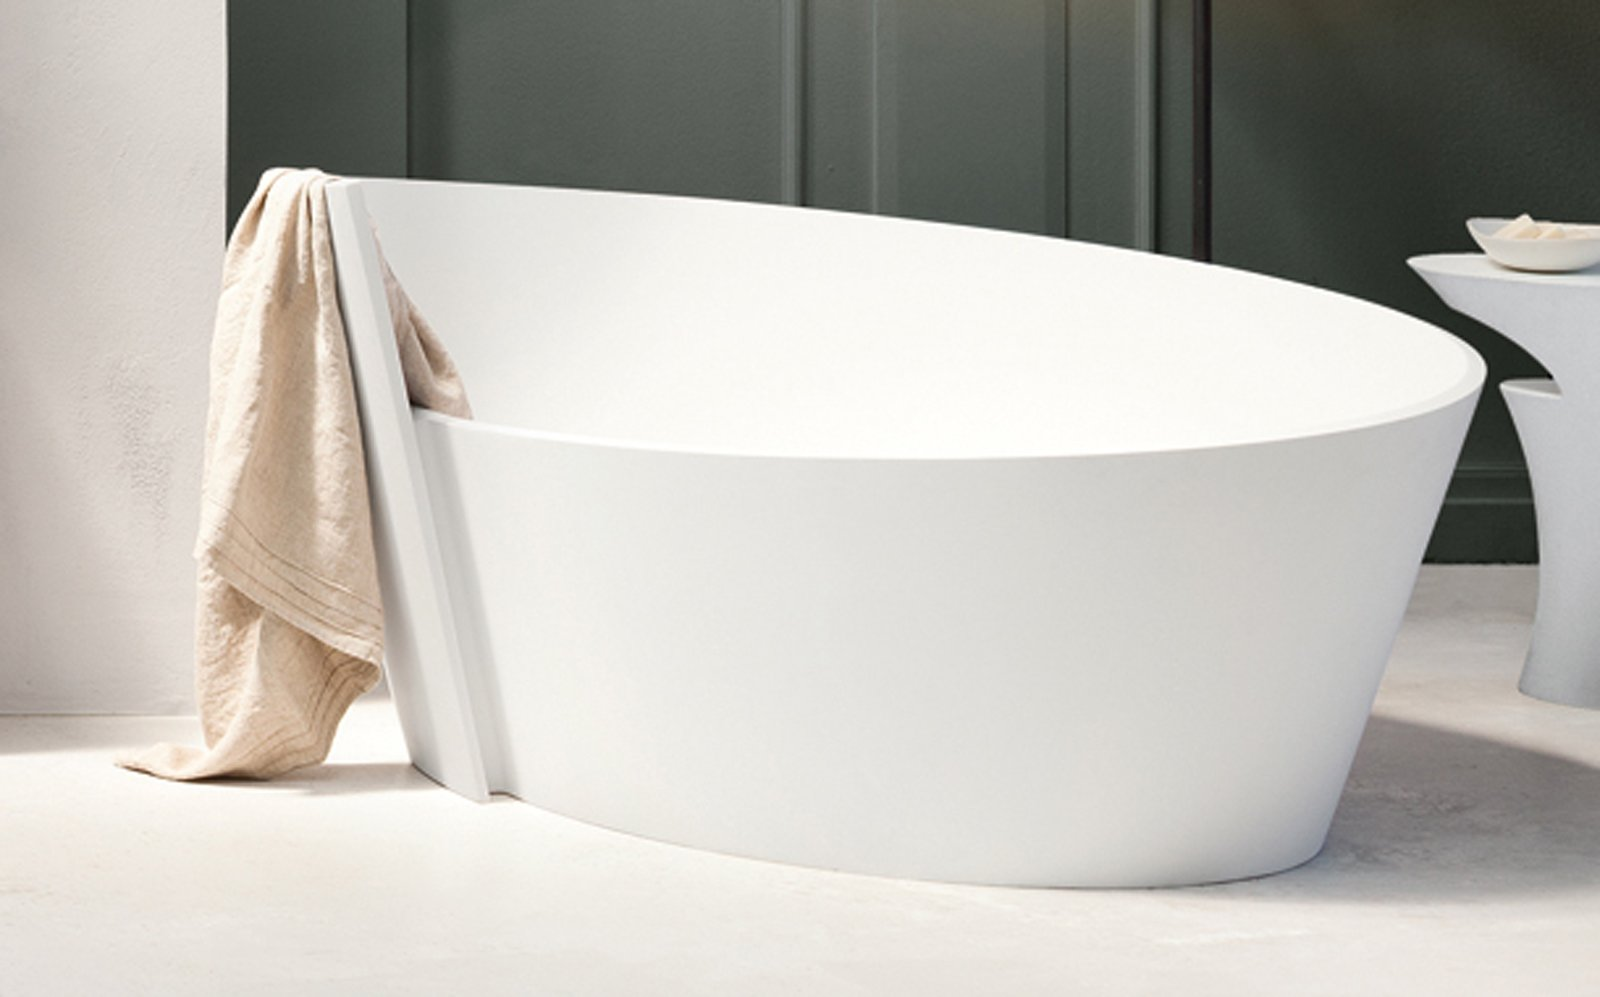 Coprire Vasca Da Bagno Prezzi : La vasca per valorizzare il bagno cose di casa